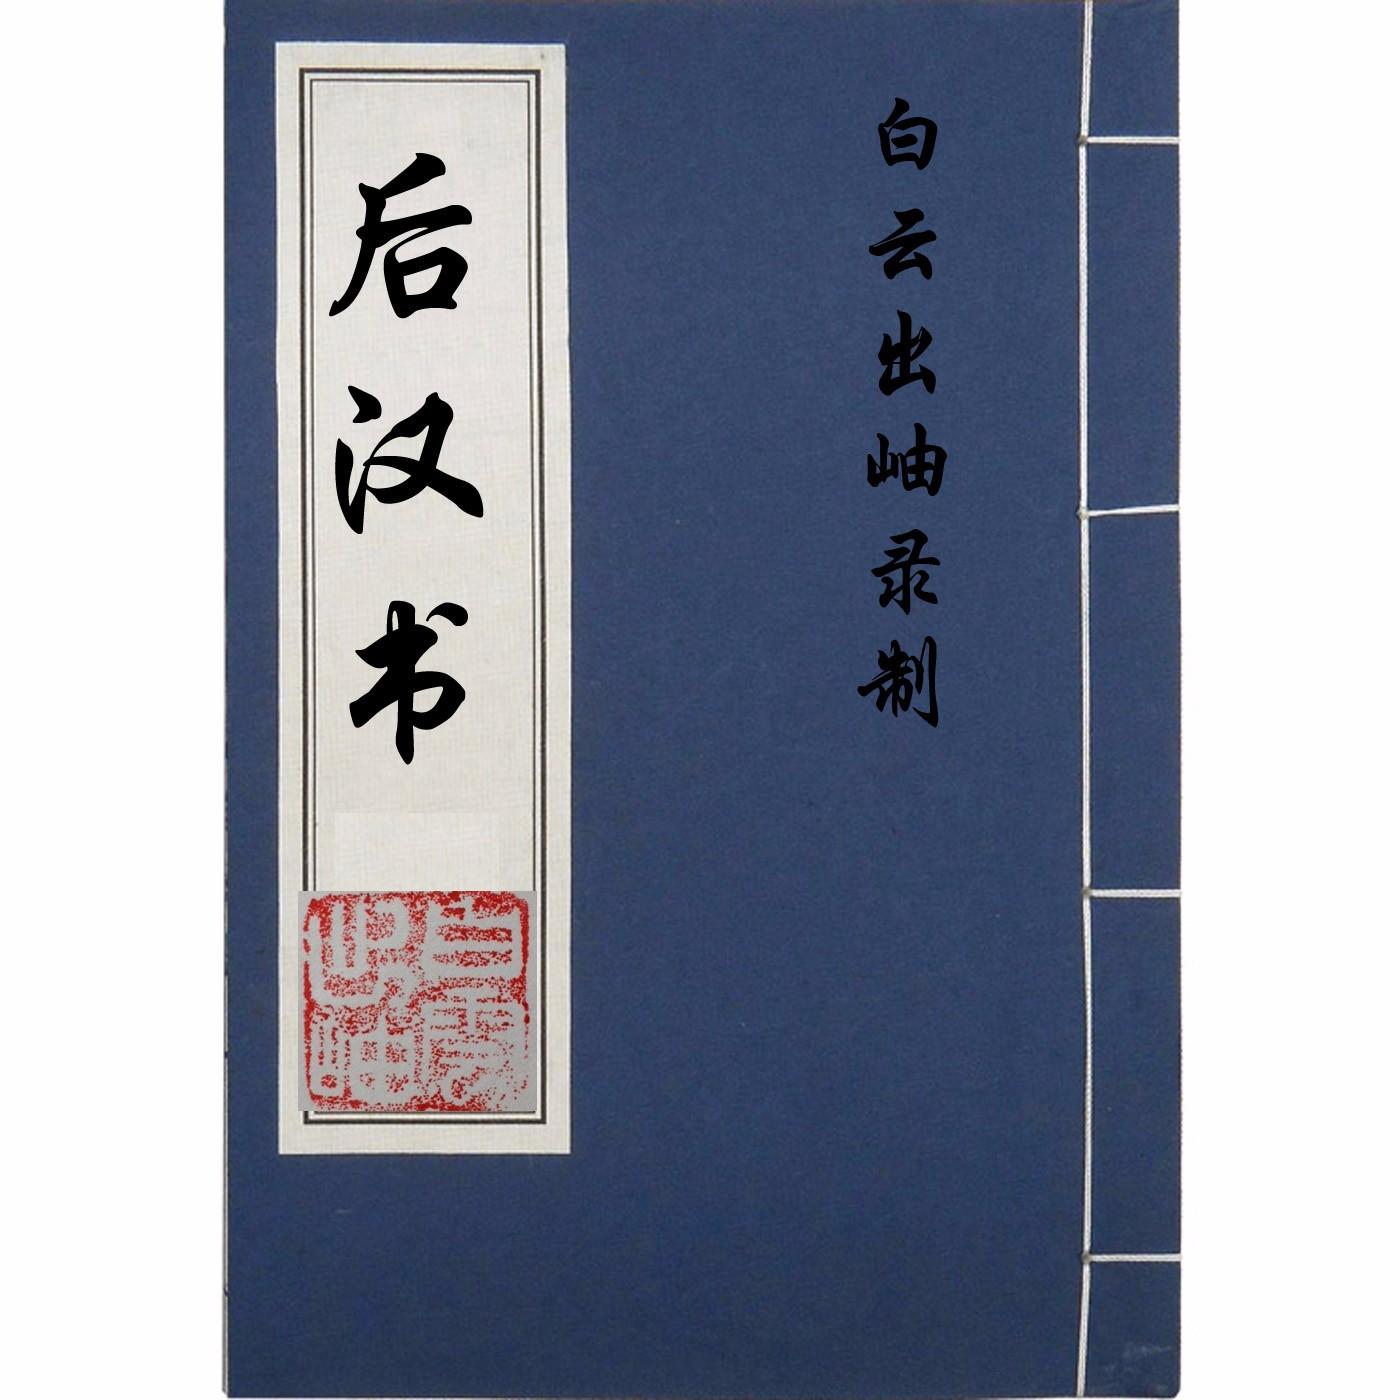 后汉书-原文朗读【前四史】